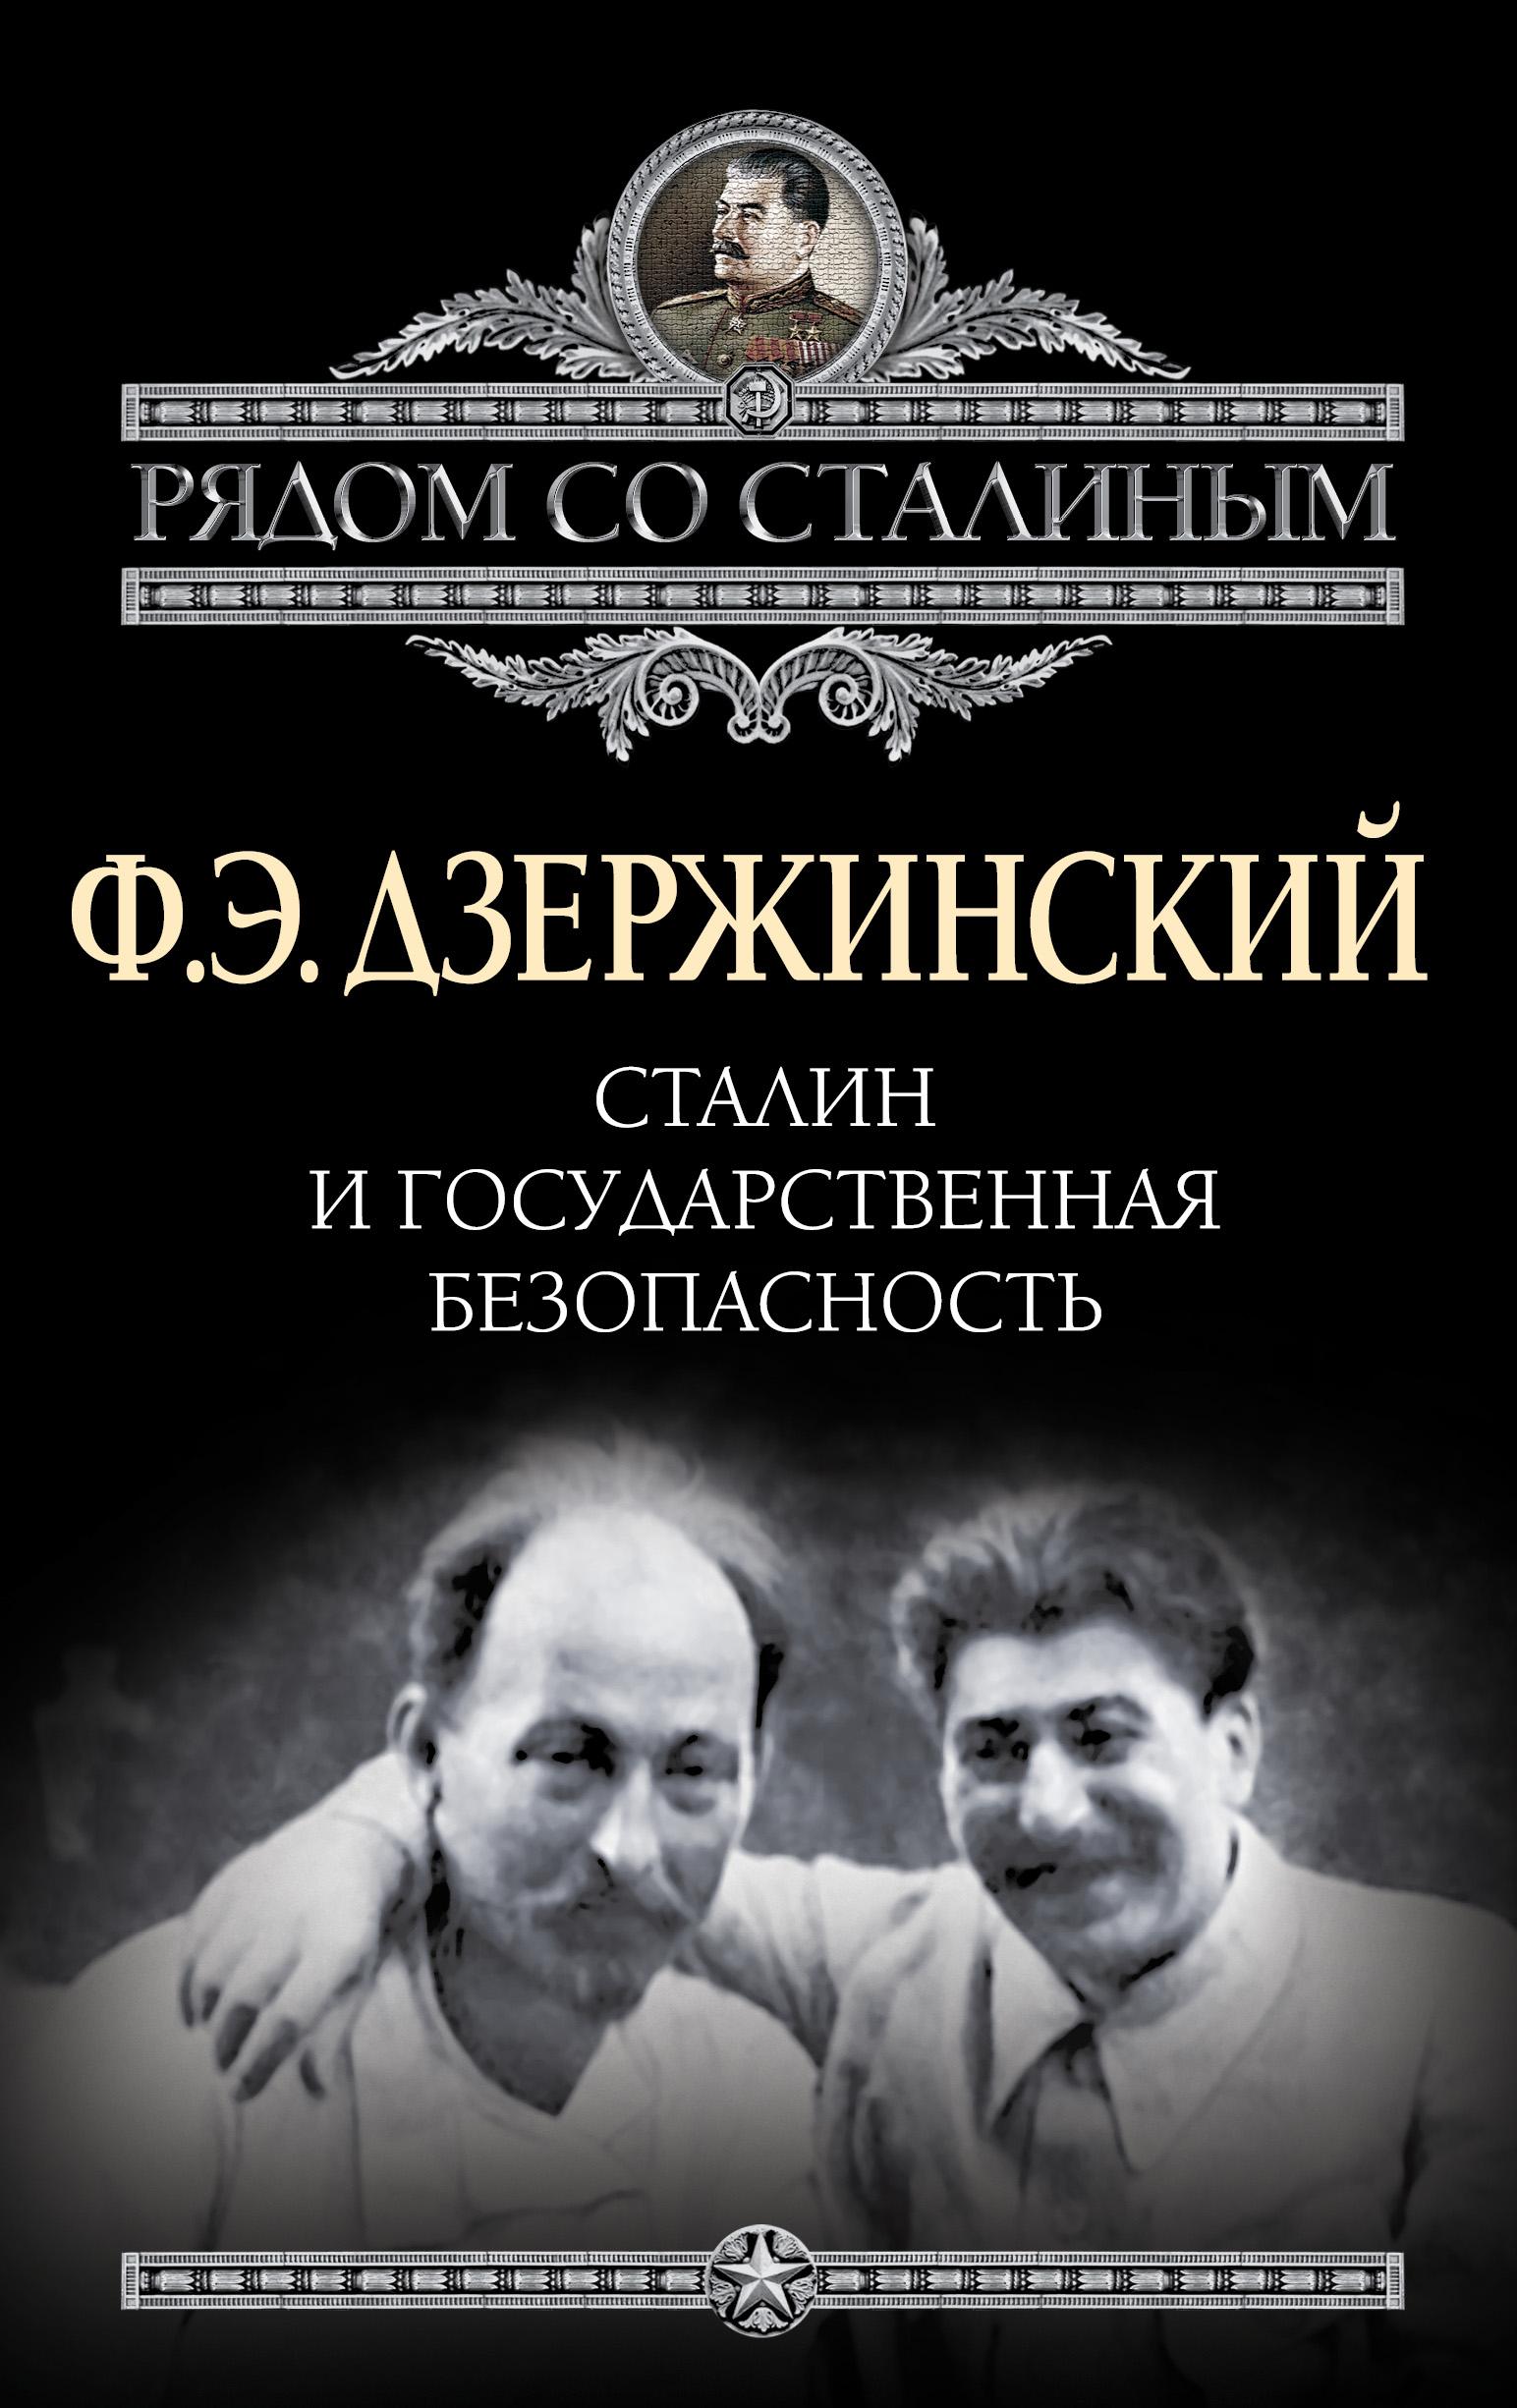 Фото - Феликс Дзержинский Сталин и Государственная безопасность в в шумов государственная и общественная безопасность моделирование и прогнозирование